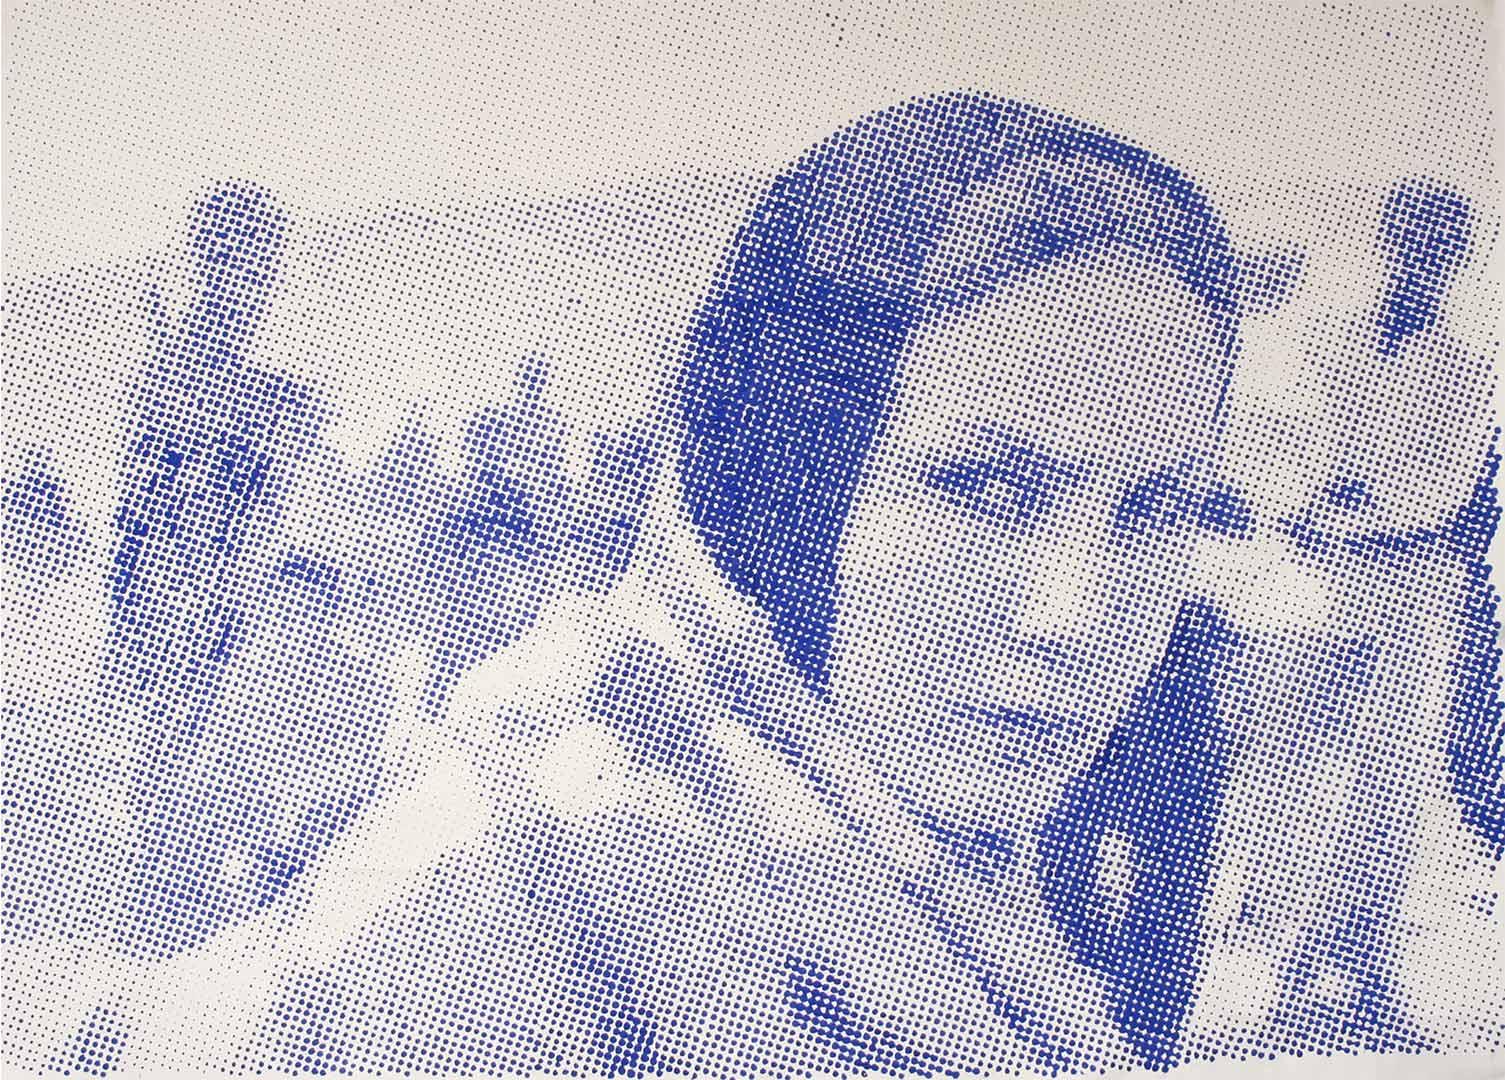 Migrant woman portrait